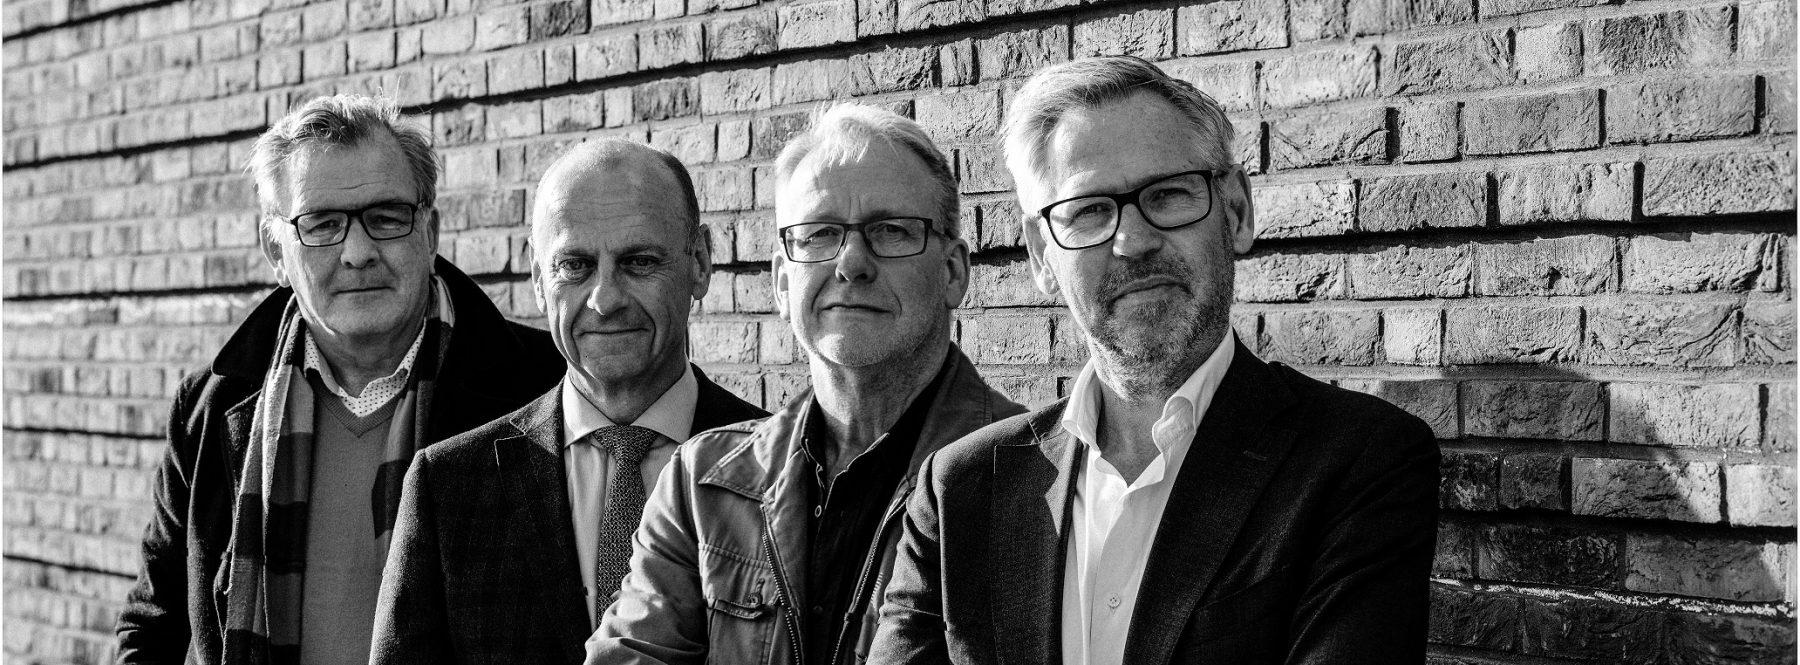 Jaap Sluis, Herman Opmeer, Jan Glas en Marcel Hoenderdos.  Fotografie: Ramon Philippo.